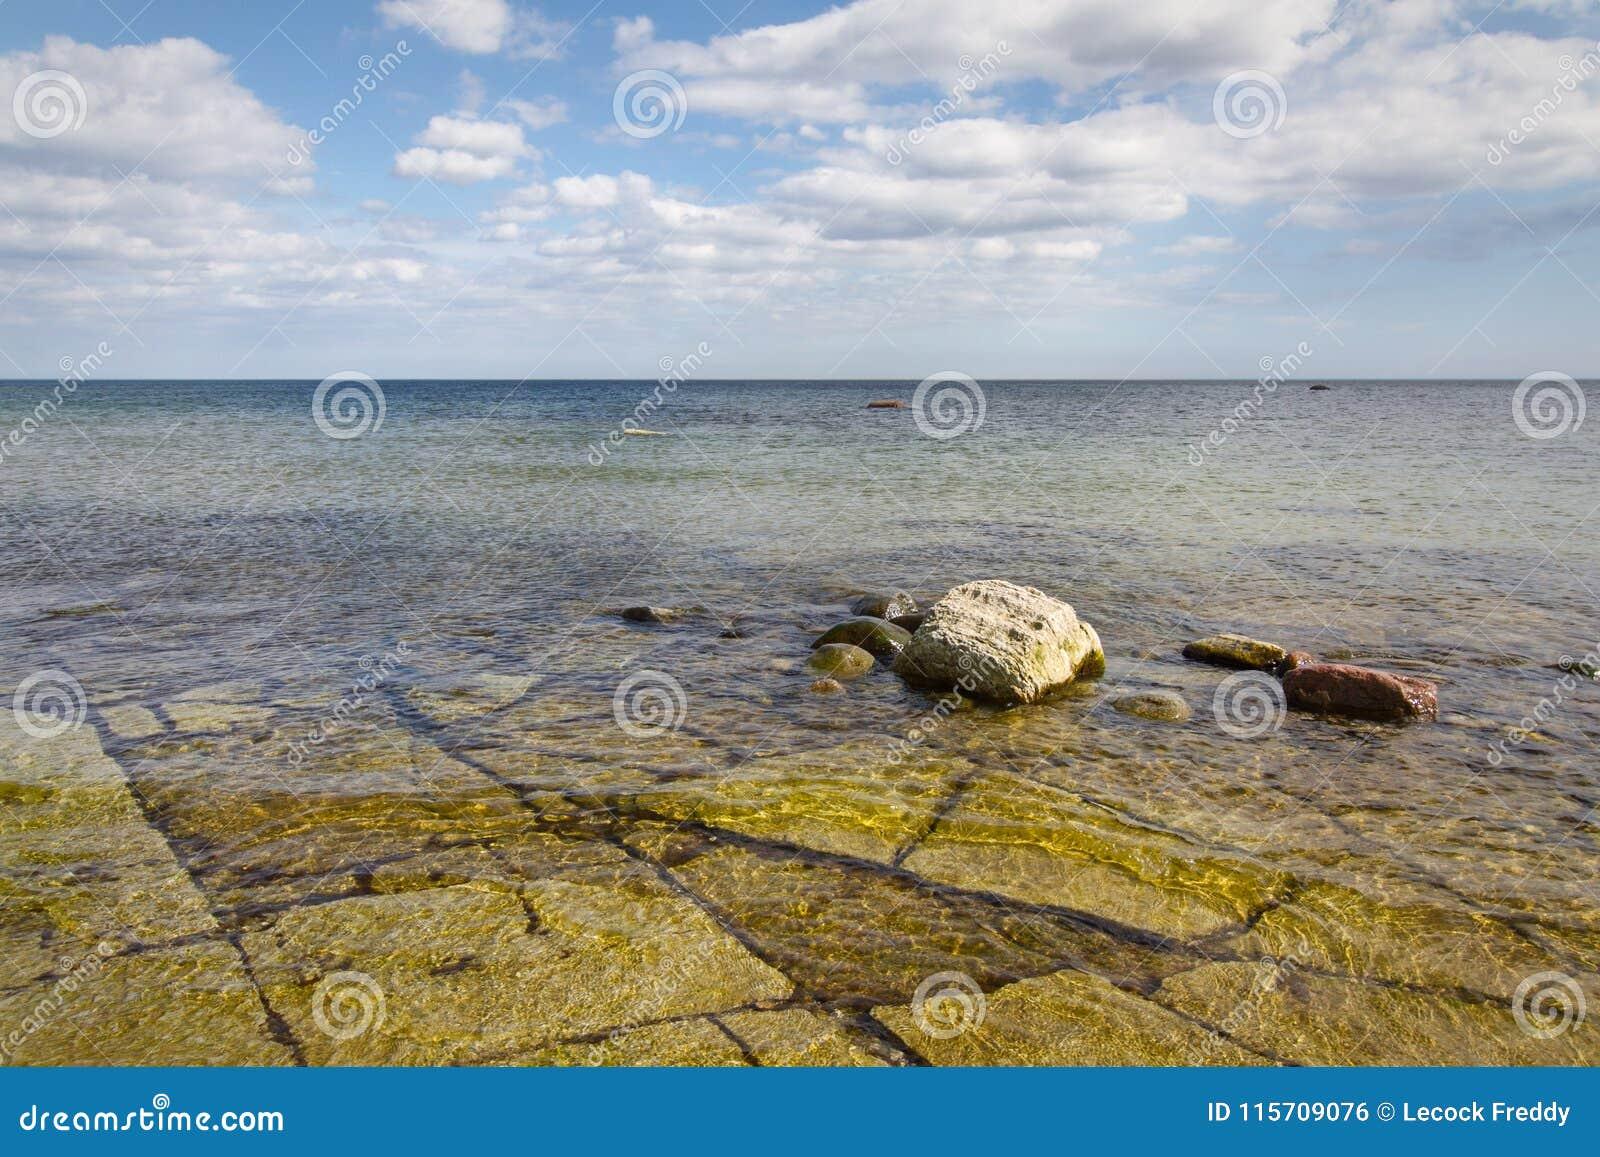 Kalkenshällar Öland costal view